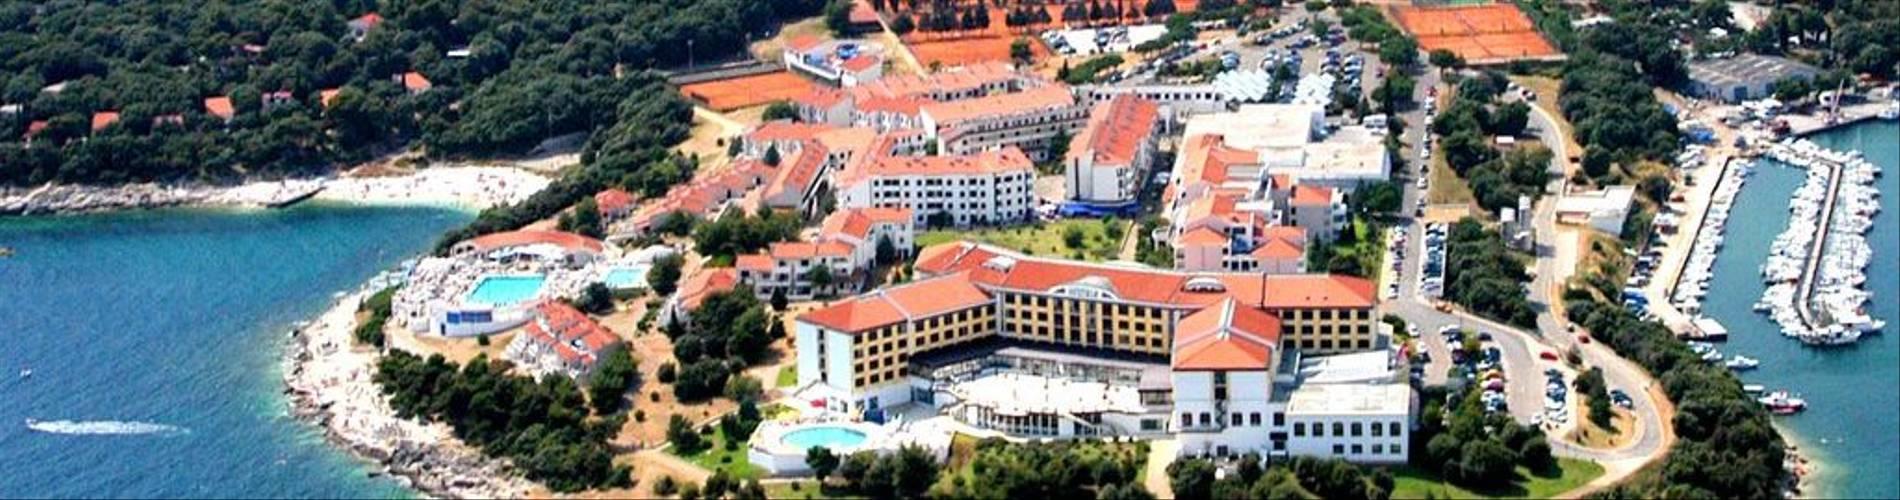 Park-Plaza-Histria-aerial.jpg